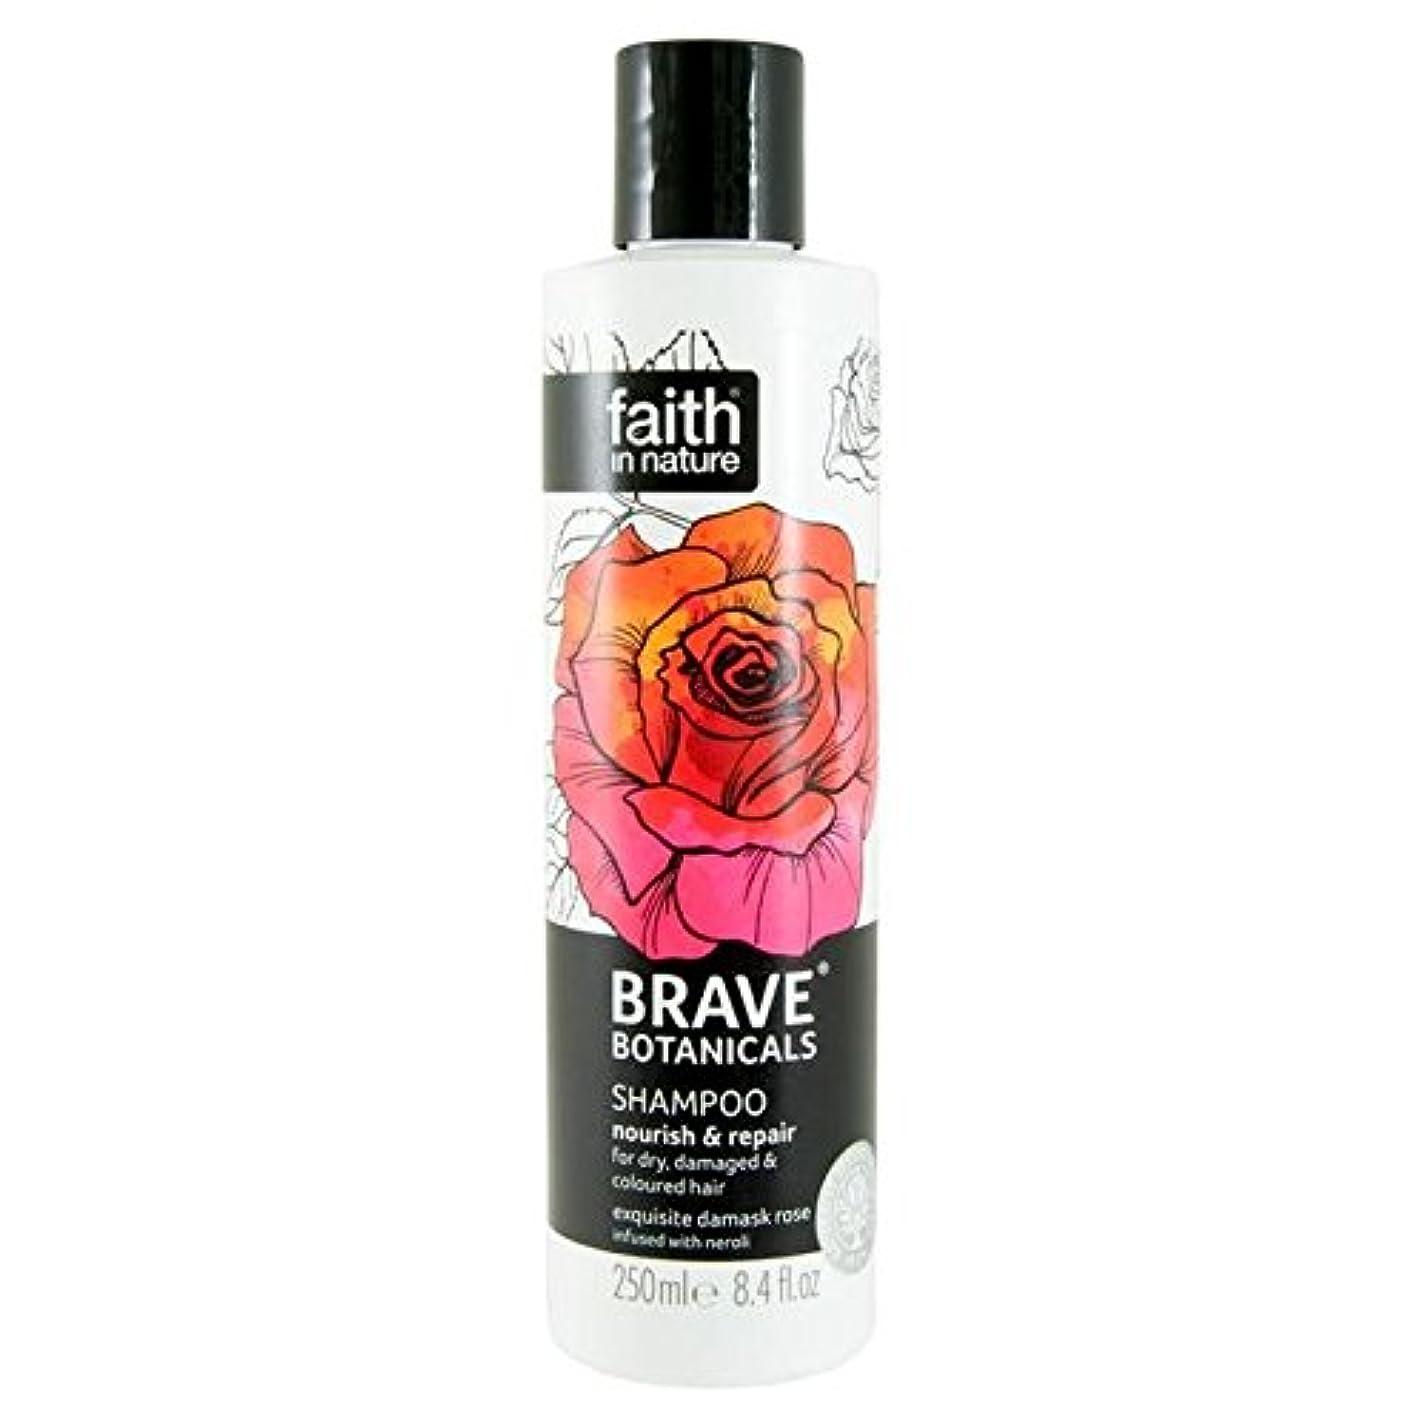 自発的お肉血統Brave Botanicals Rose & Neroli Nourish & Repair Shampoo 250ml (Pack of 4) - (Faith In Nature) 勇敢な植物は、ローズ&ネロリは養う&リペアシャンプー250Ml (x4) [並行輸入品]